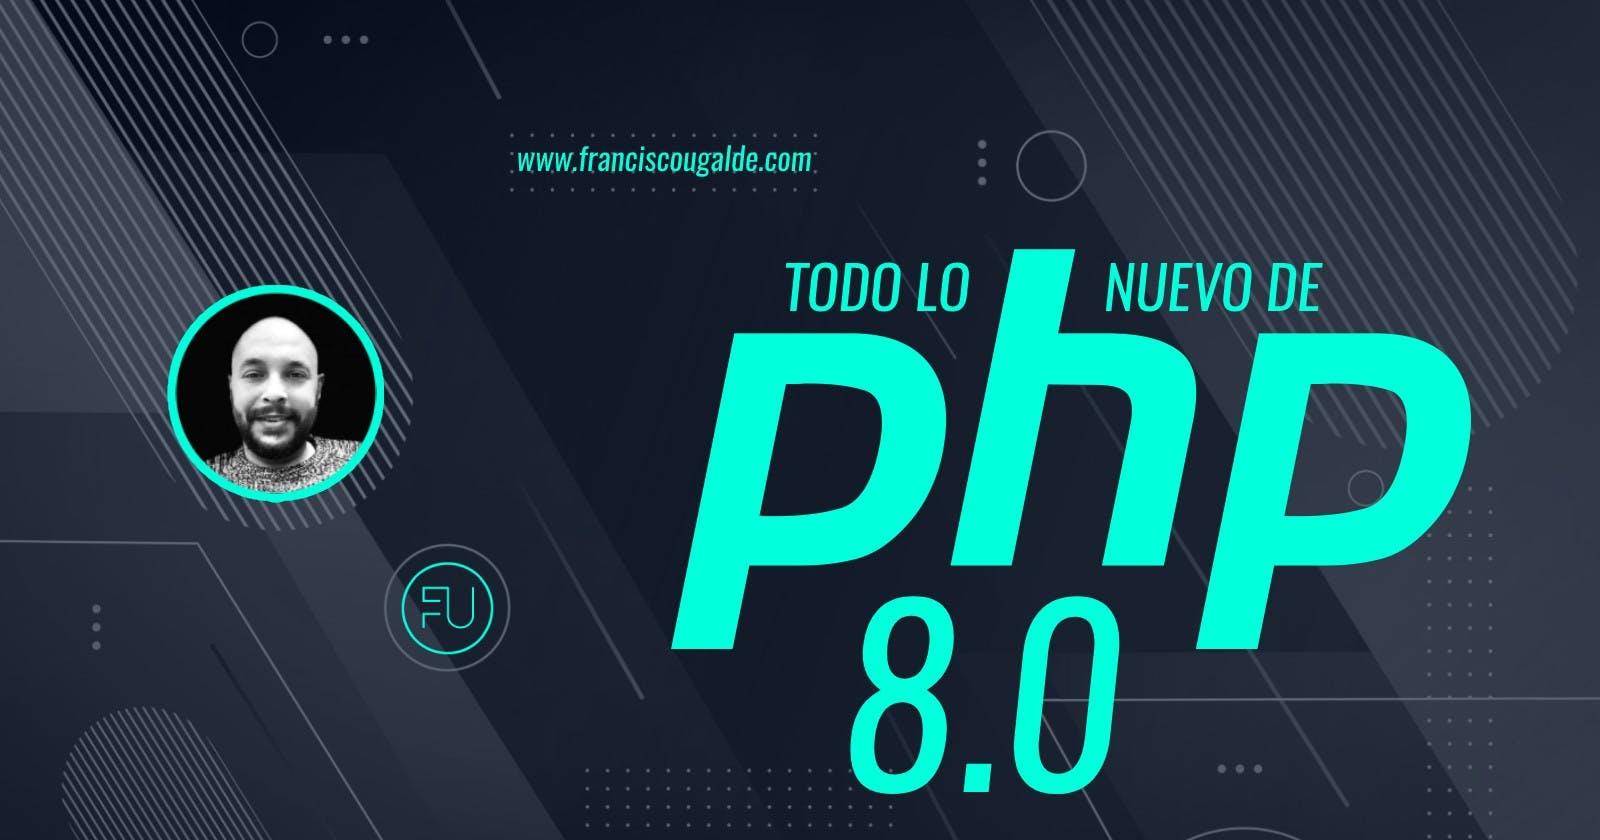 Todo lo nuevo de PHP 8